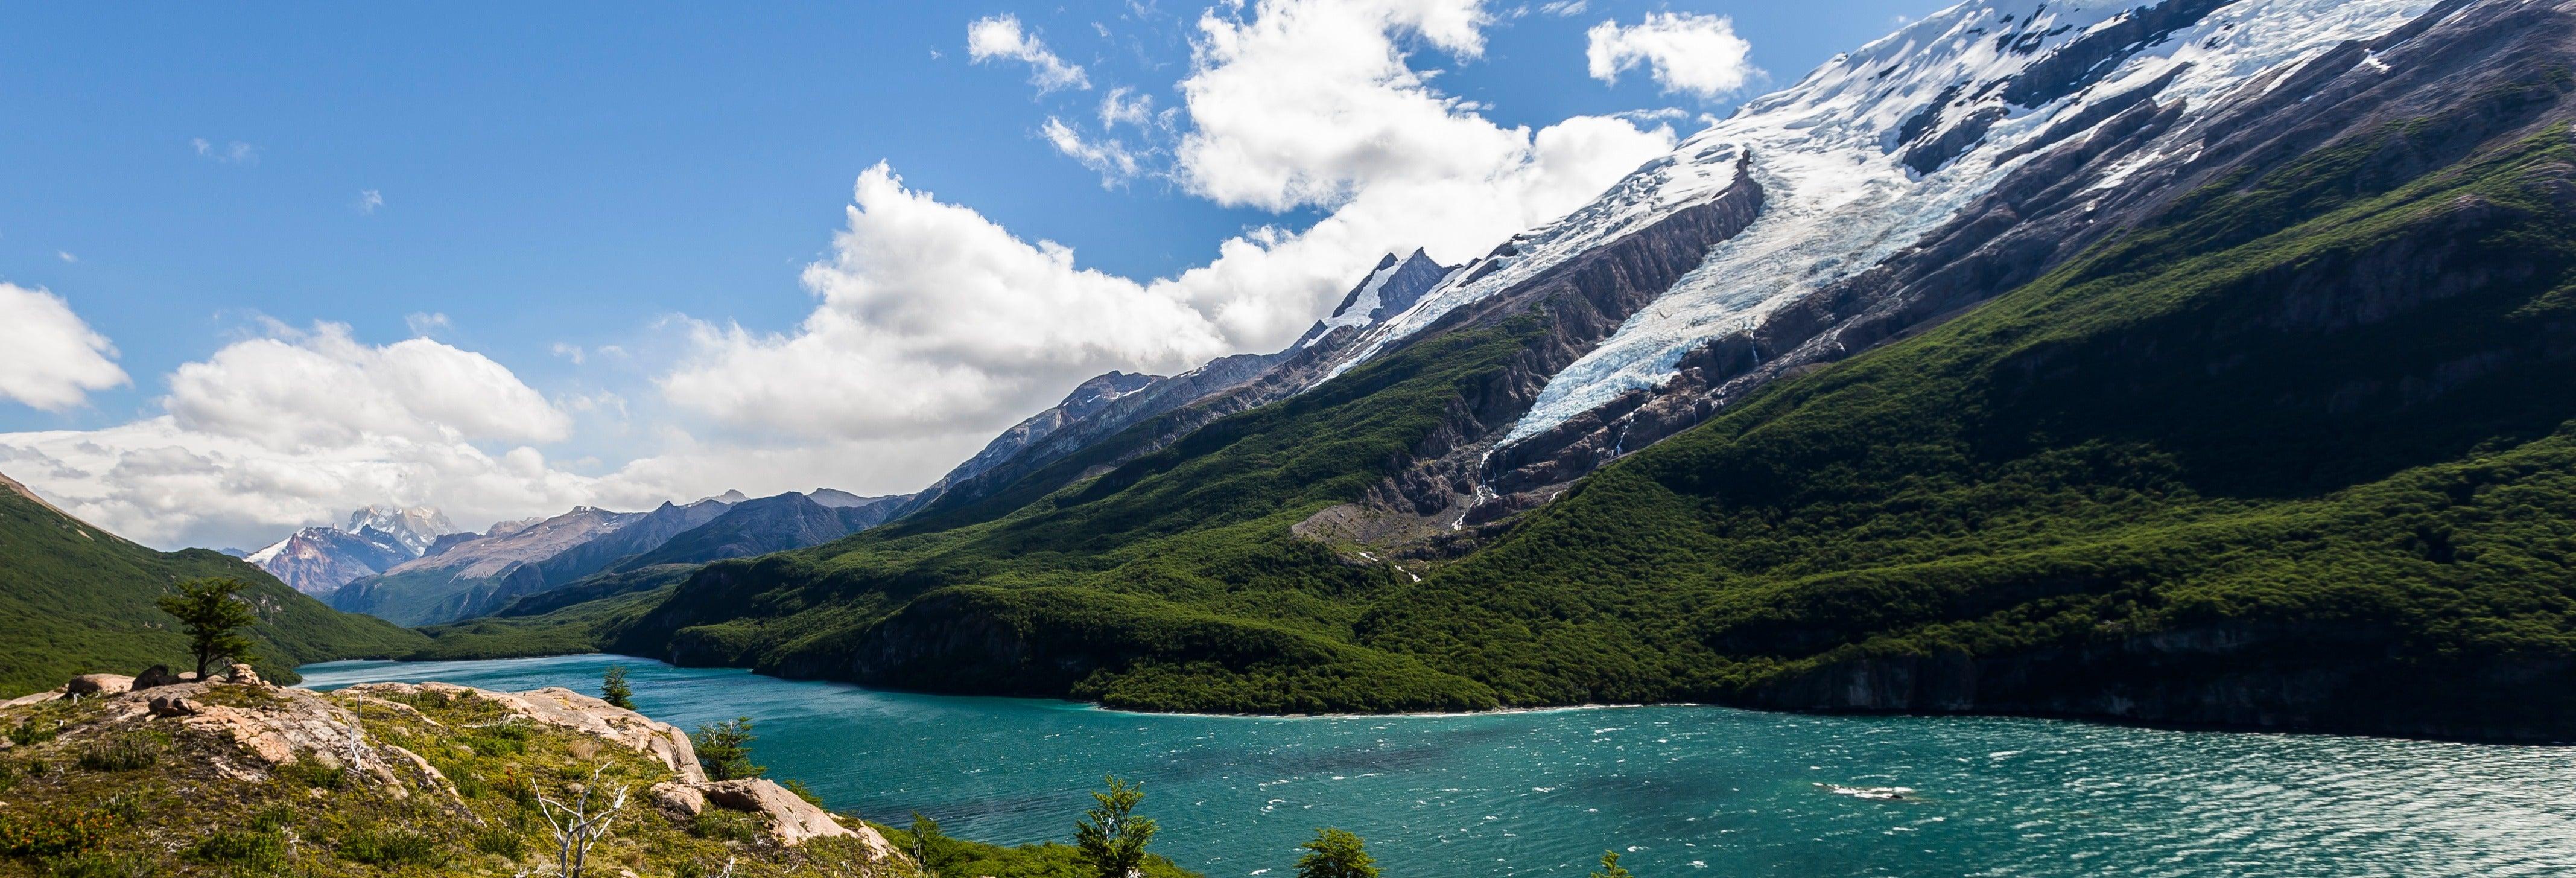 Trekking sul ghiacciaio Vespignani + Lago del Desierto